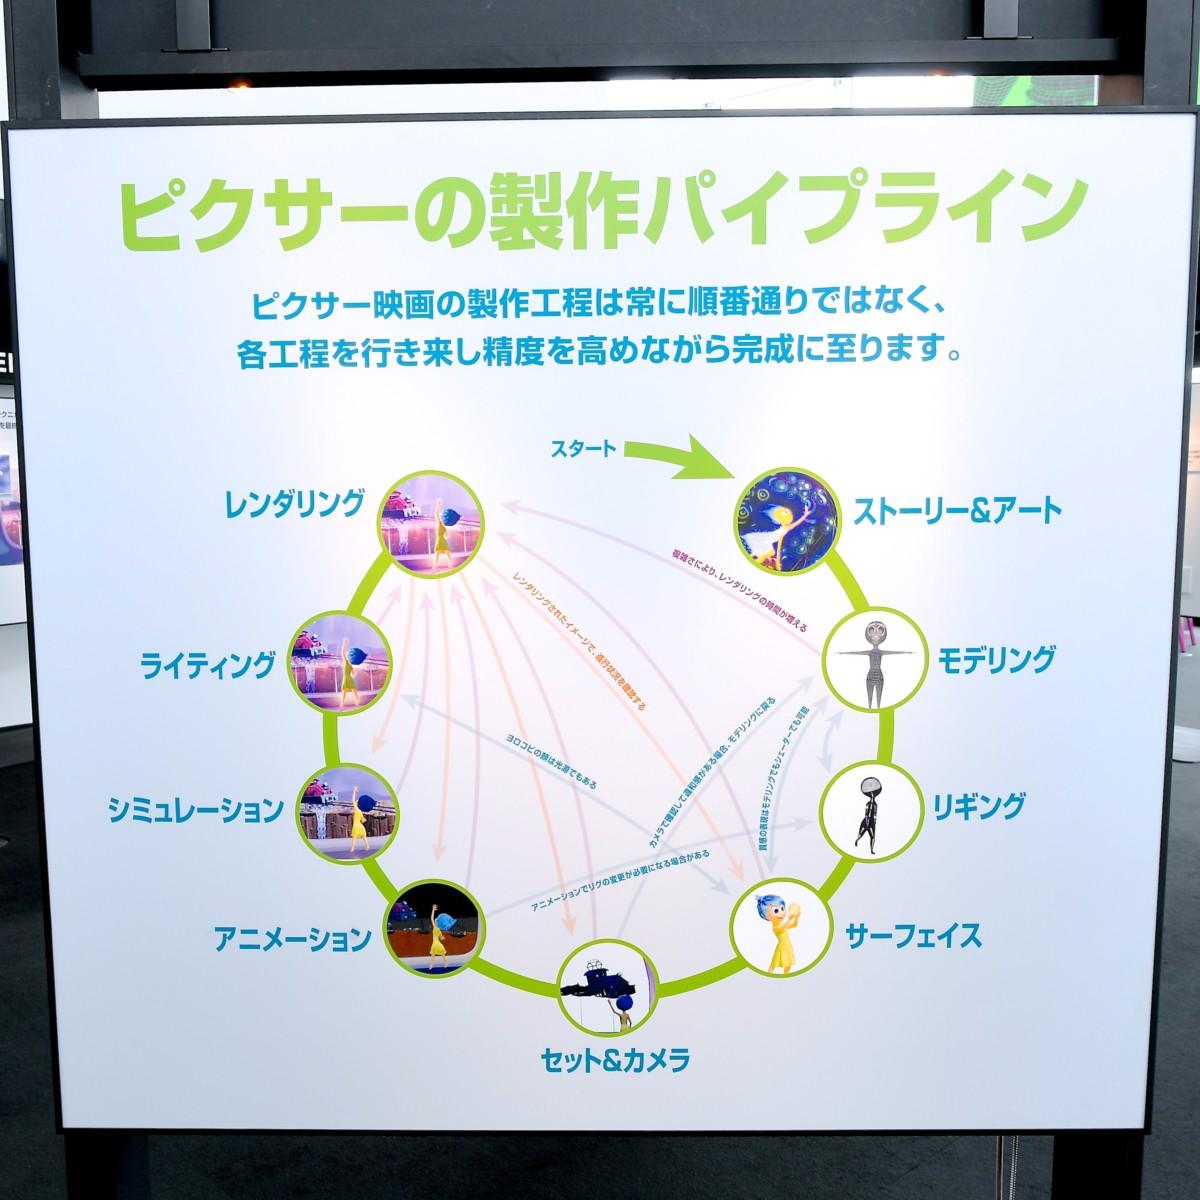 PIXARのひみつ展 8つのハンズオン展示